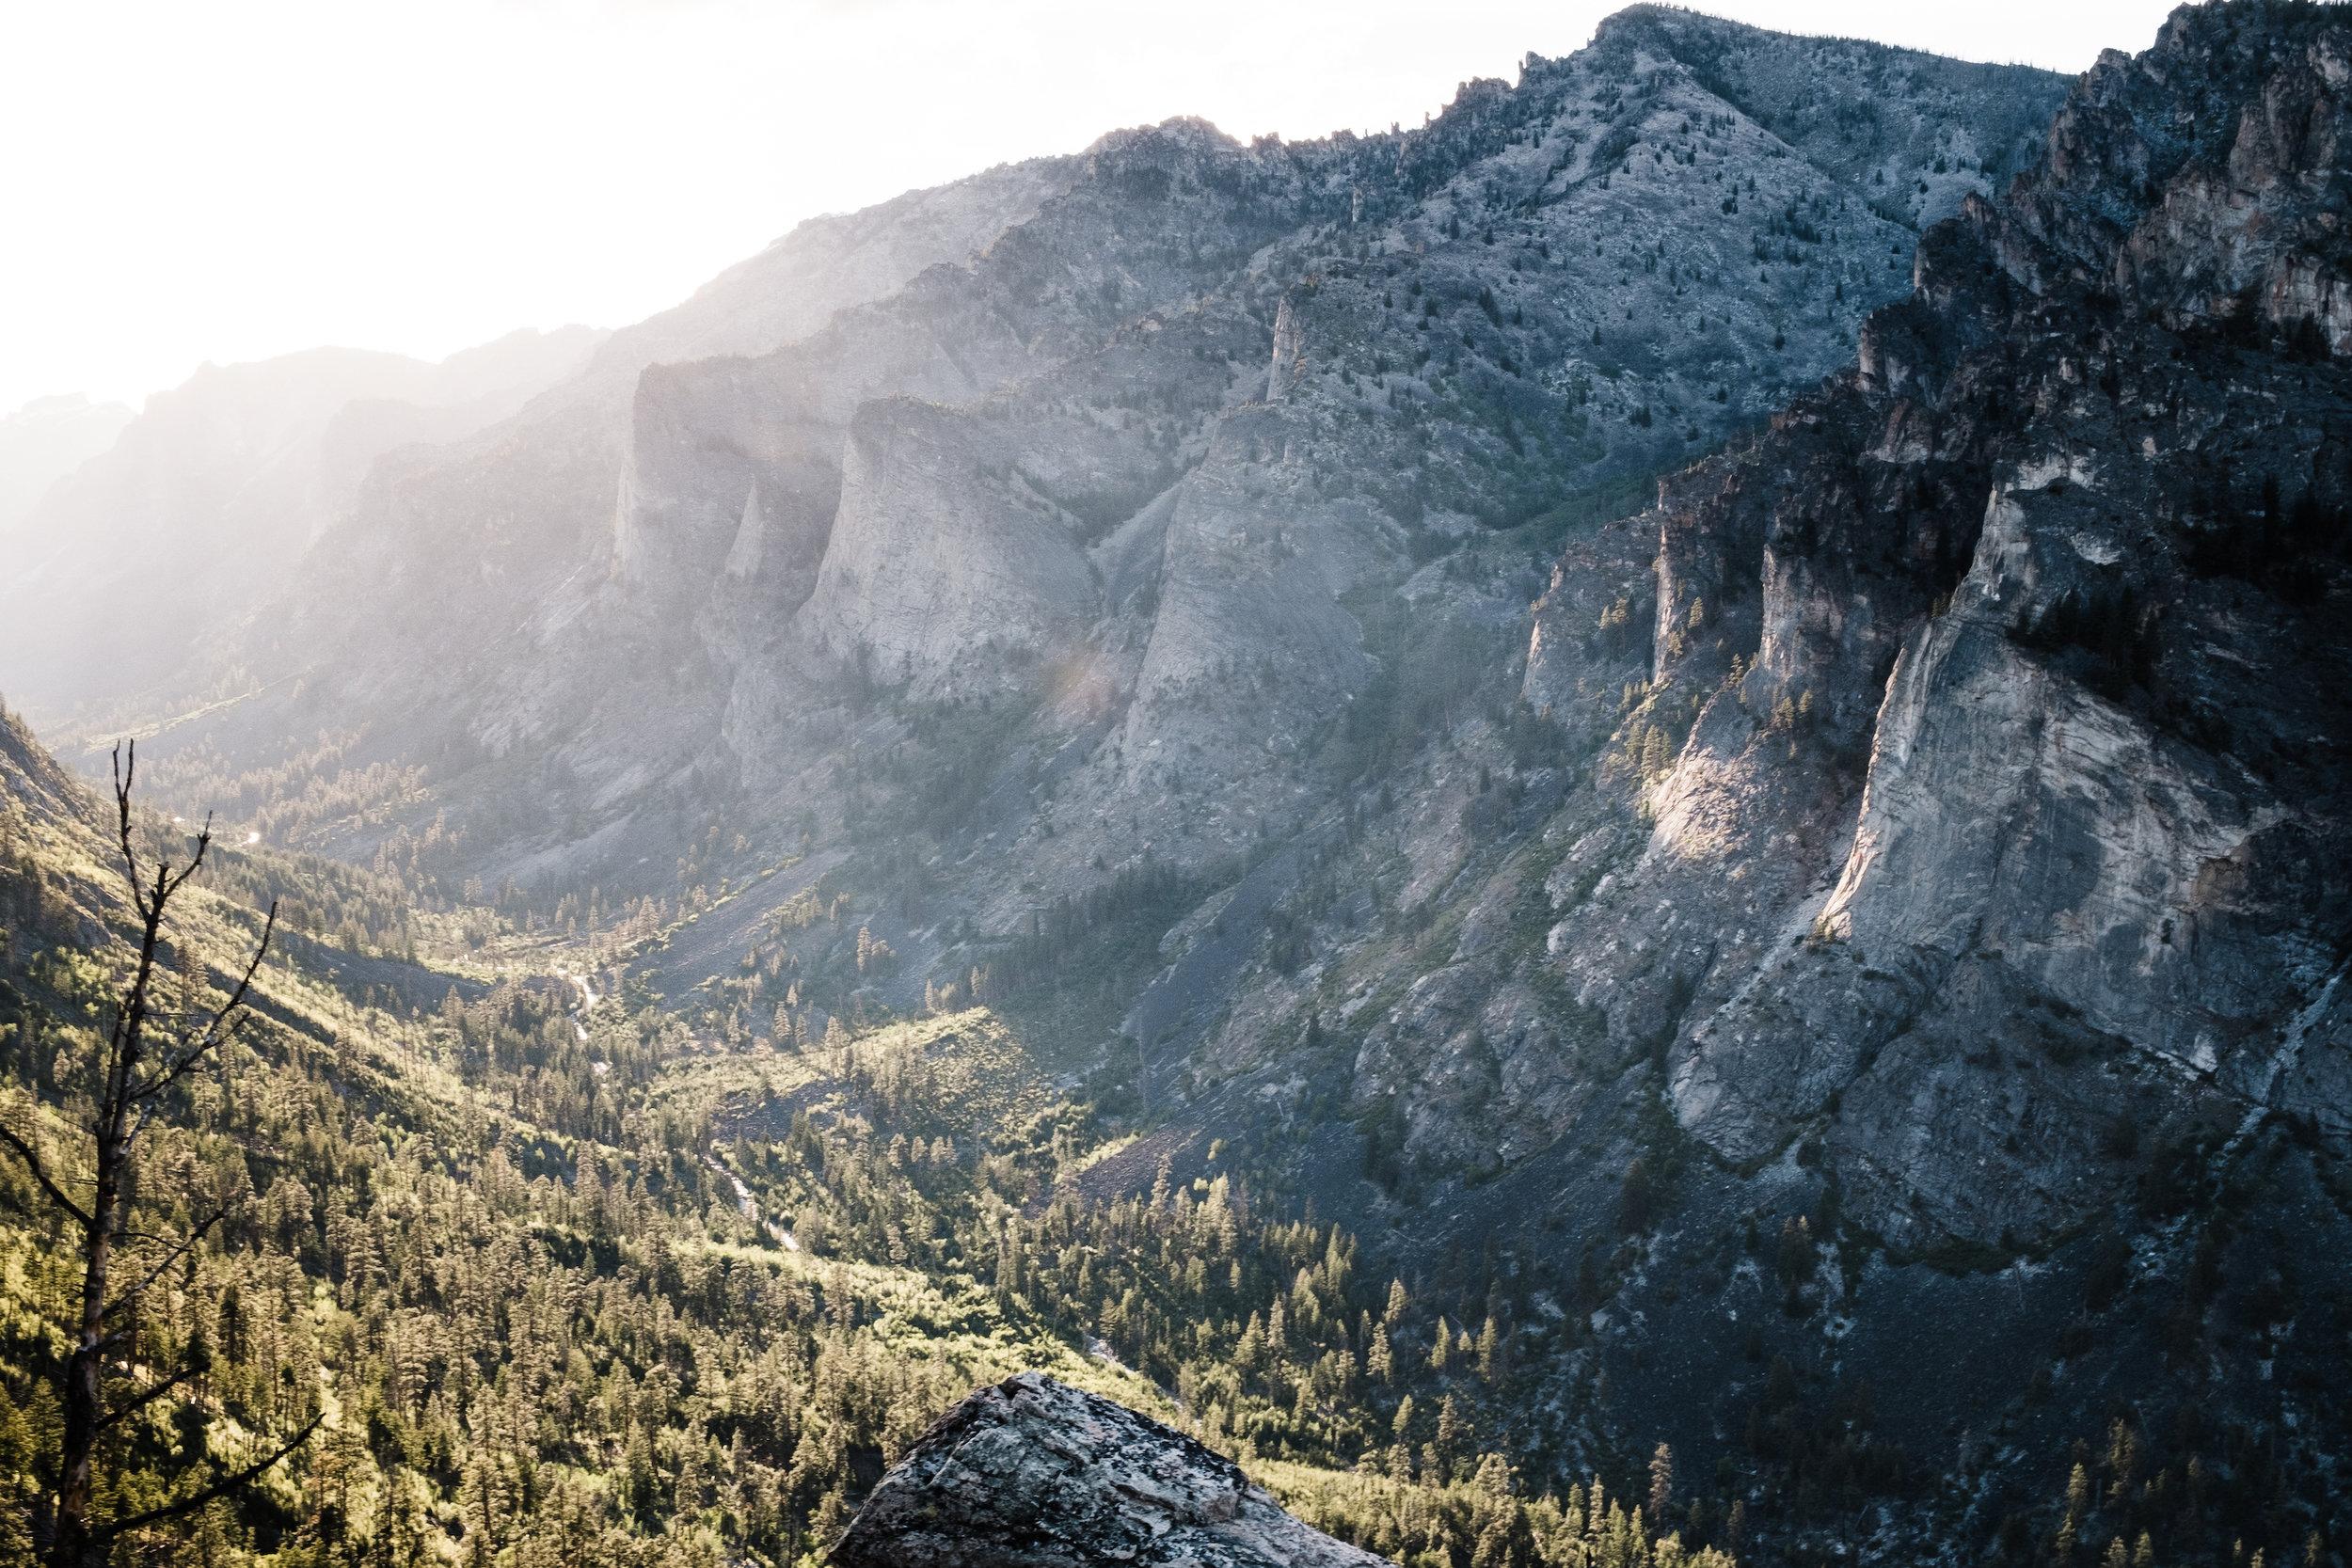 Montana_Landscapes-49 copy.jpg